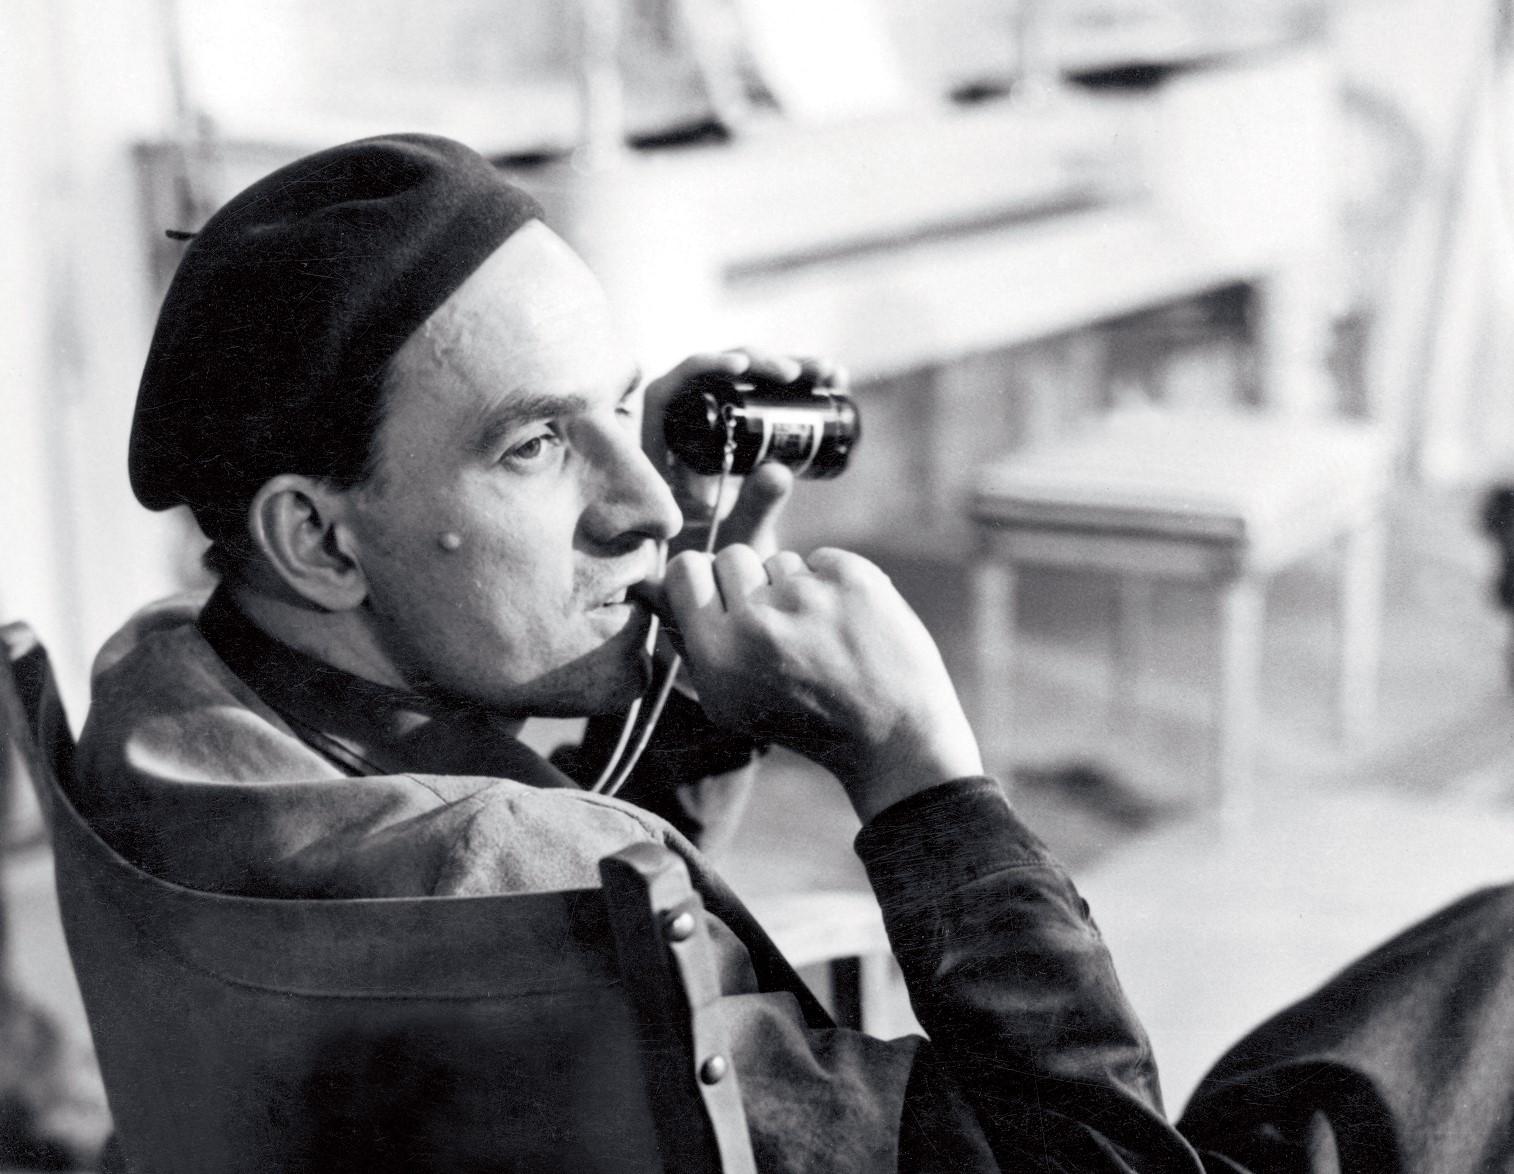 Στον κόσμο του Μπέργκμαν με το ERTFLIX - Δύο νέες ταινίες και ένα ντοκιμαντέρ για τον κορυφαίο δημιουργό | Ingmar Bergman 1